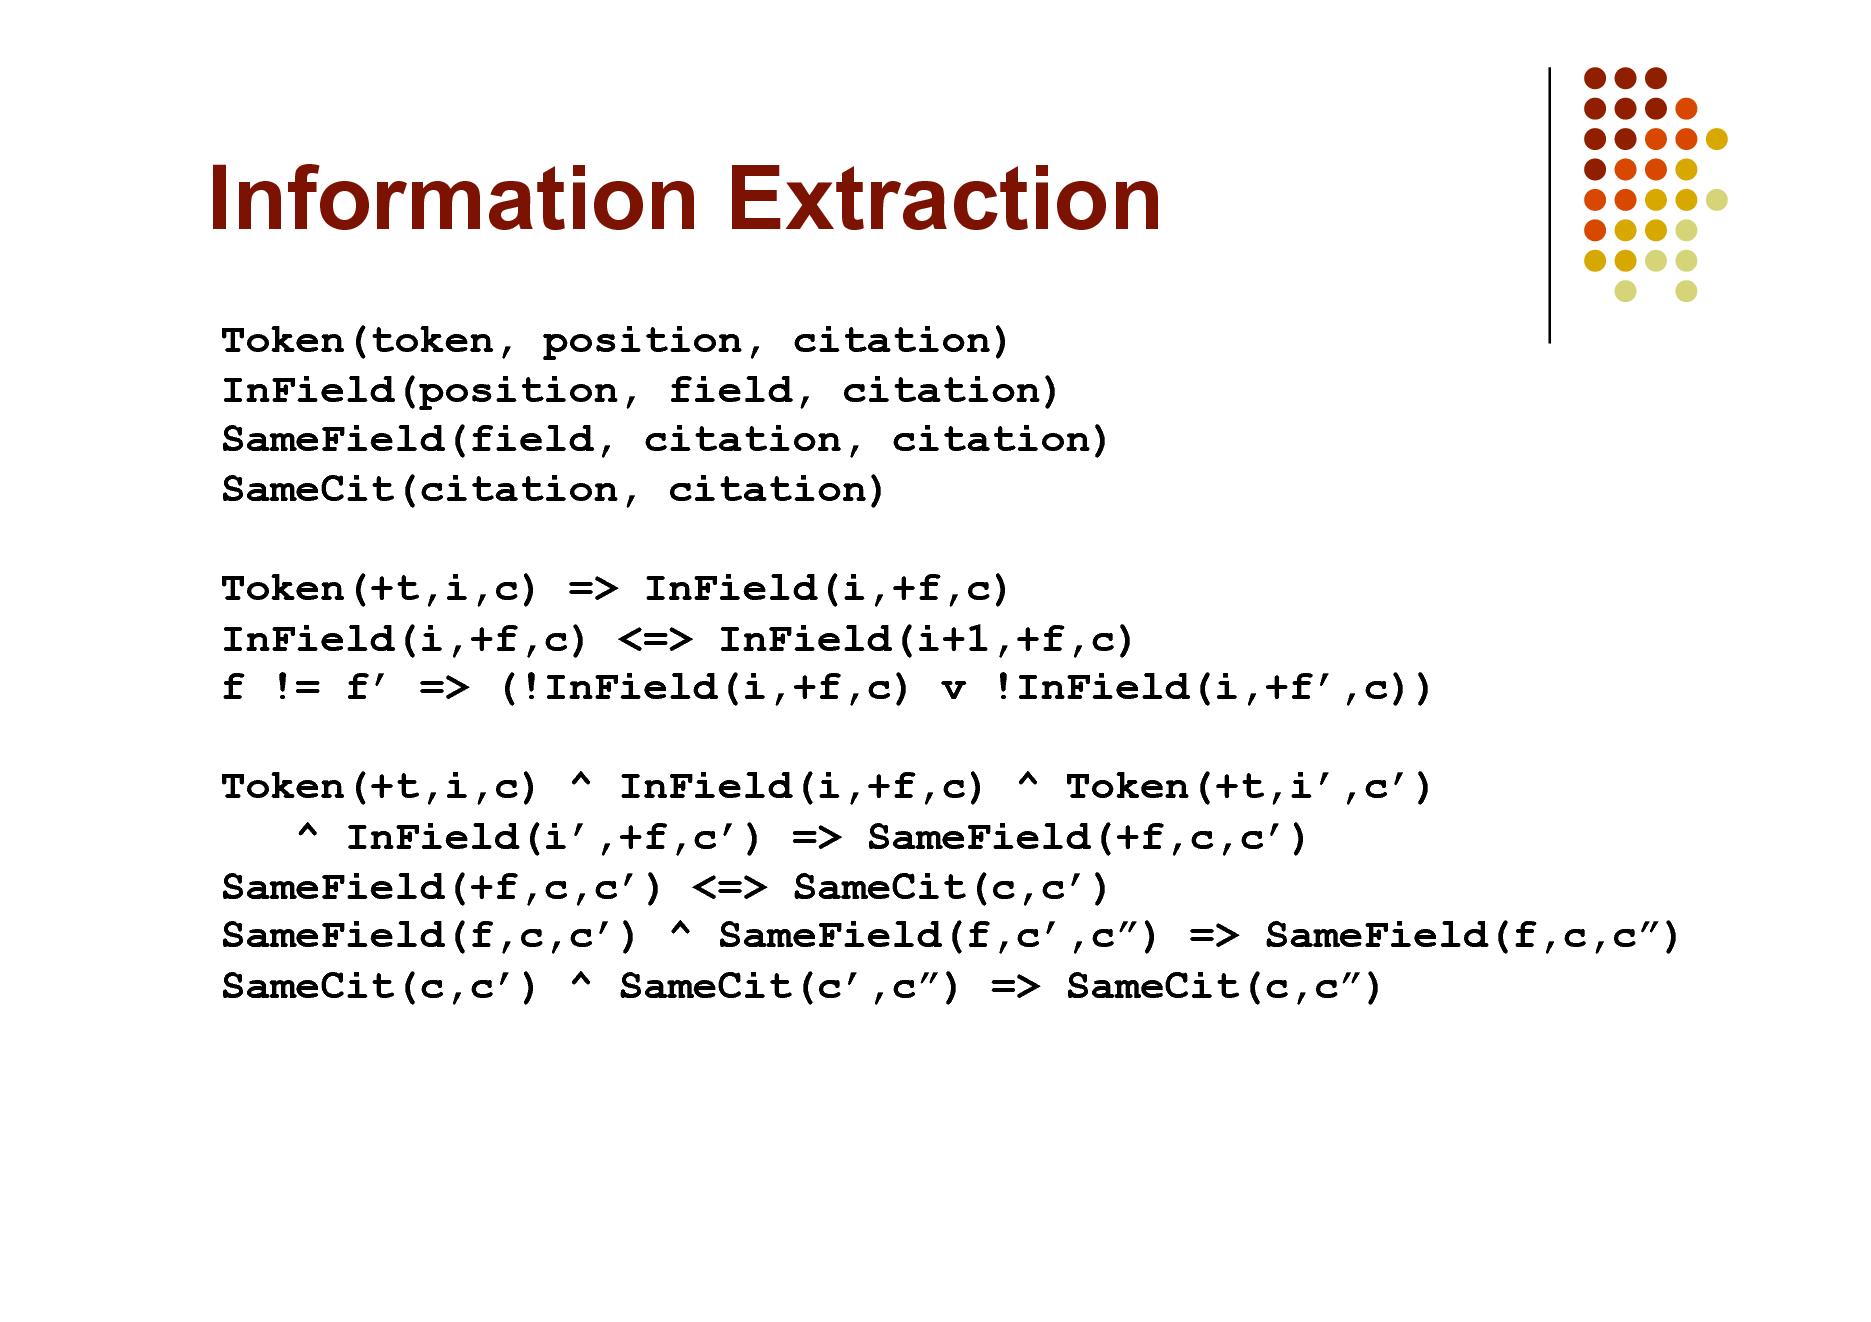 Slide: Information Extraction Token(token, position, citation) InField(position, field, citation) SameField(field, citation, citation) SameCit(citation, citation) Token(+t,i,c) => InField(i,+f,c) InField(i,+f,c) <=> InField(i+1,+f,c) f != f => (!InField(i,+f,c) v !InField(i,+f,c)) Token(+t,i,c) ^ InField(i,+f,c) ^ Token(+t,i,c) ^ InField(i,+f,c) => SameField(+f,c,c) SameField(+f,c,c) <=> SameCit(c,c) SameField(f,c,c) ^ SameField(f,c,c) => SameField(f,c,c) SameCit(c,c) ^ SameCit(c,c) => SameCit(c,c)